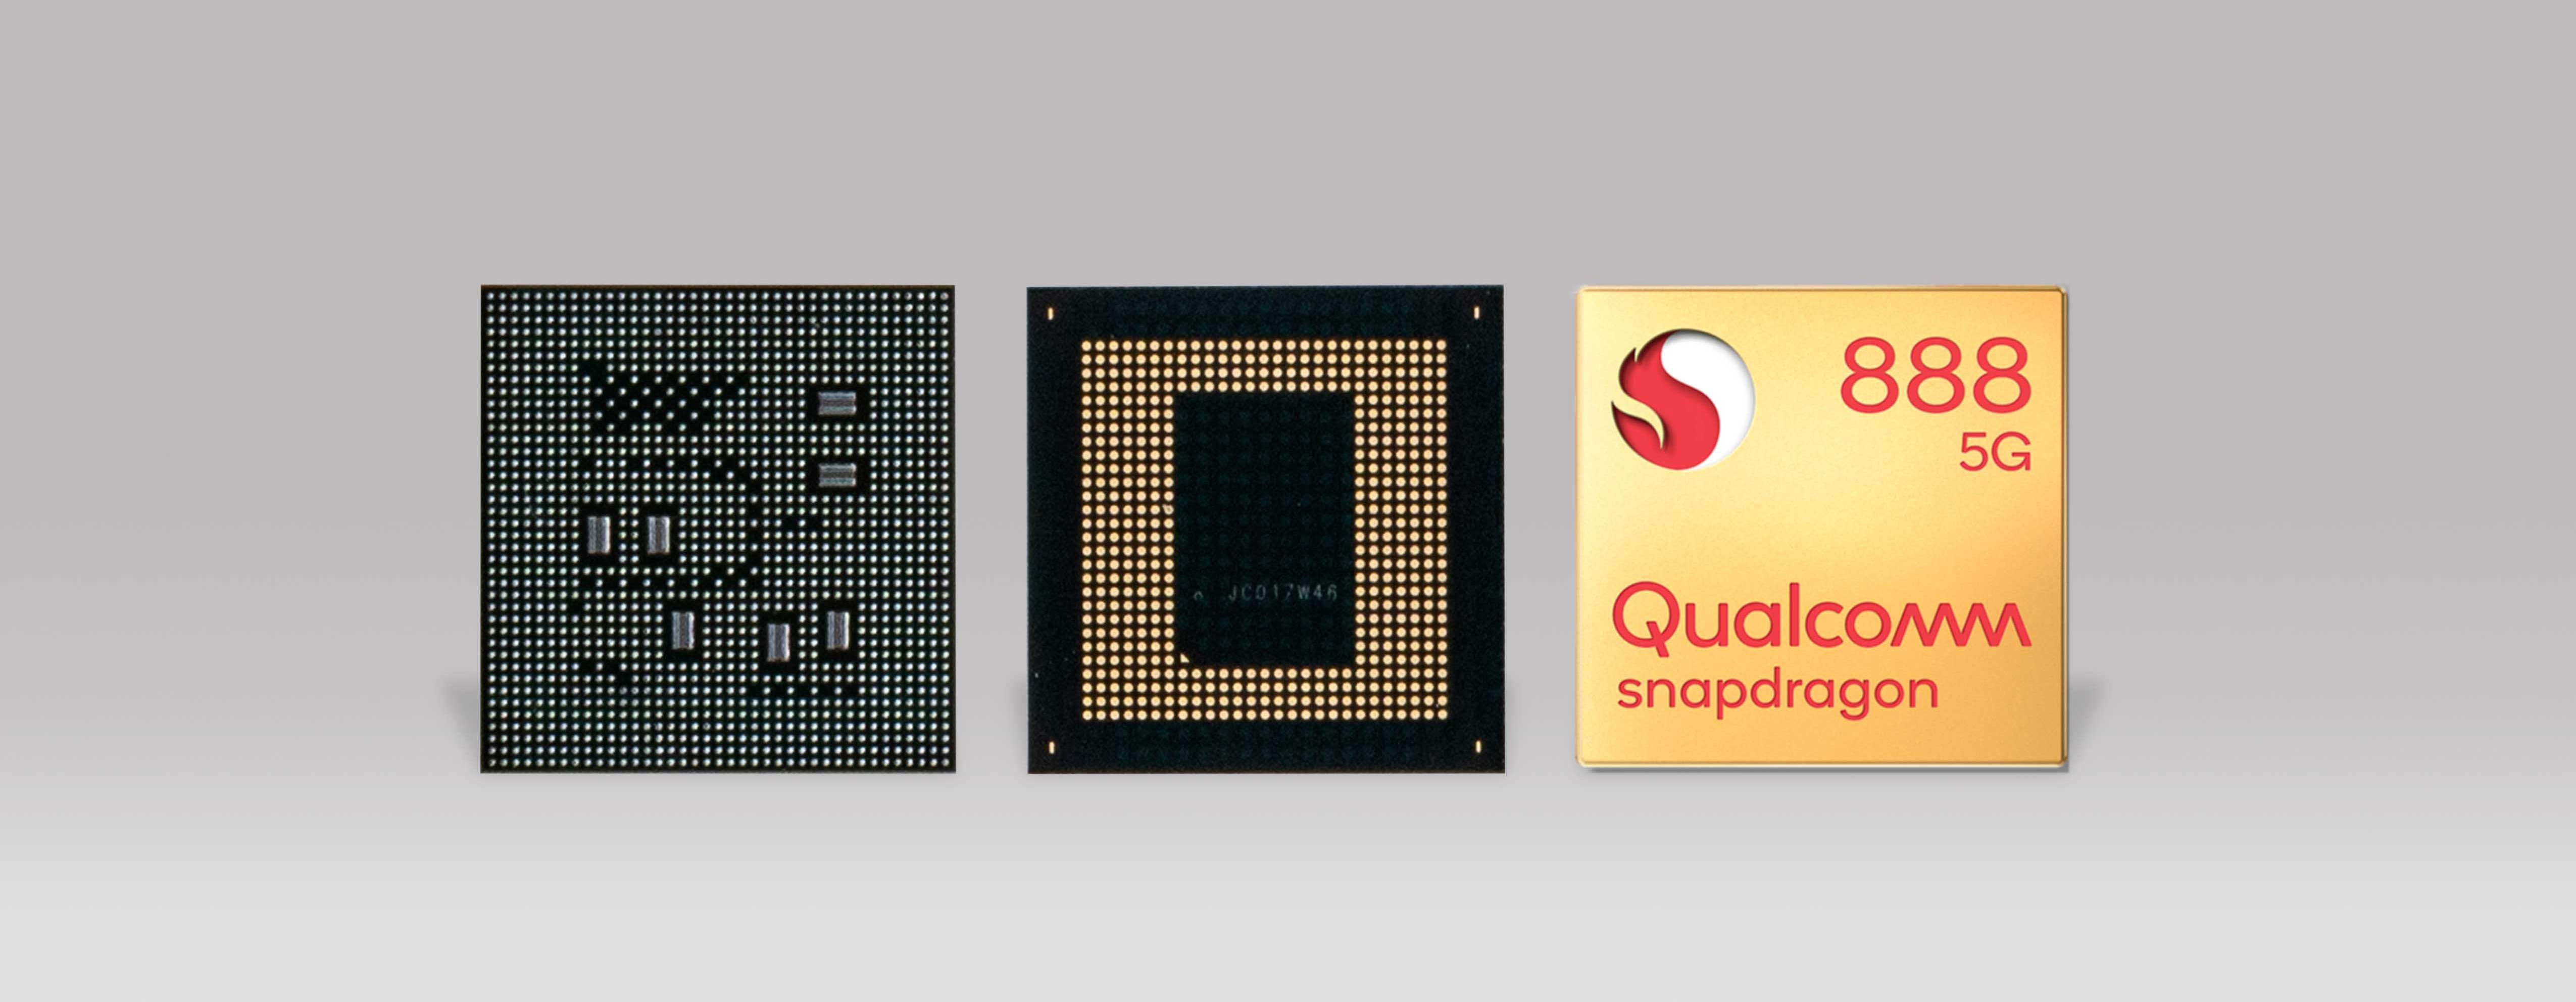 Snapdragon 888 5G, ecco come saranno gli smartphone del 2021